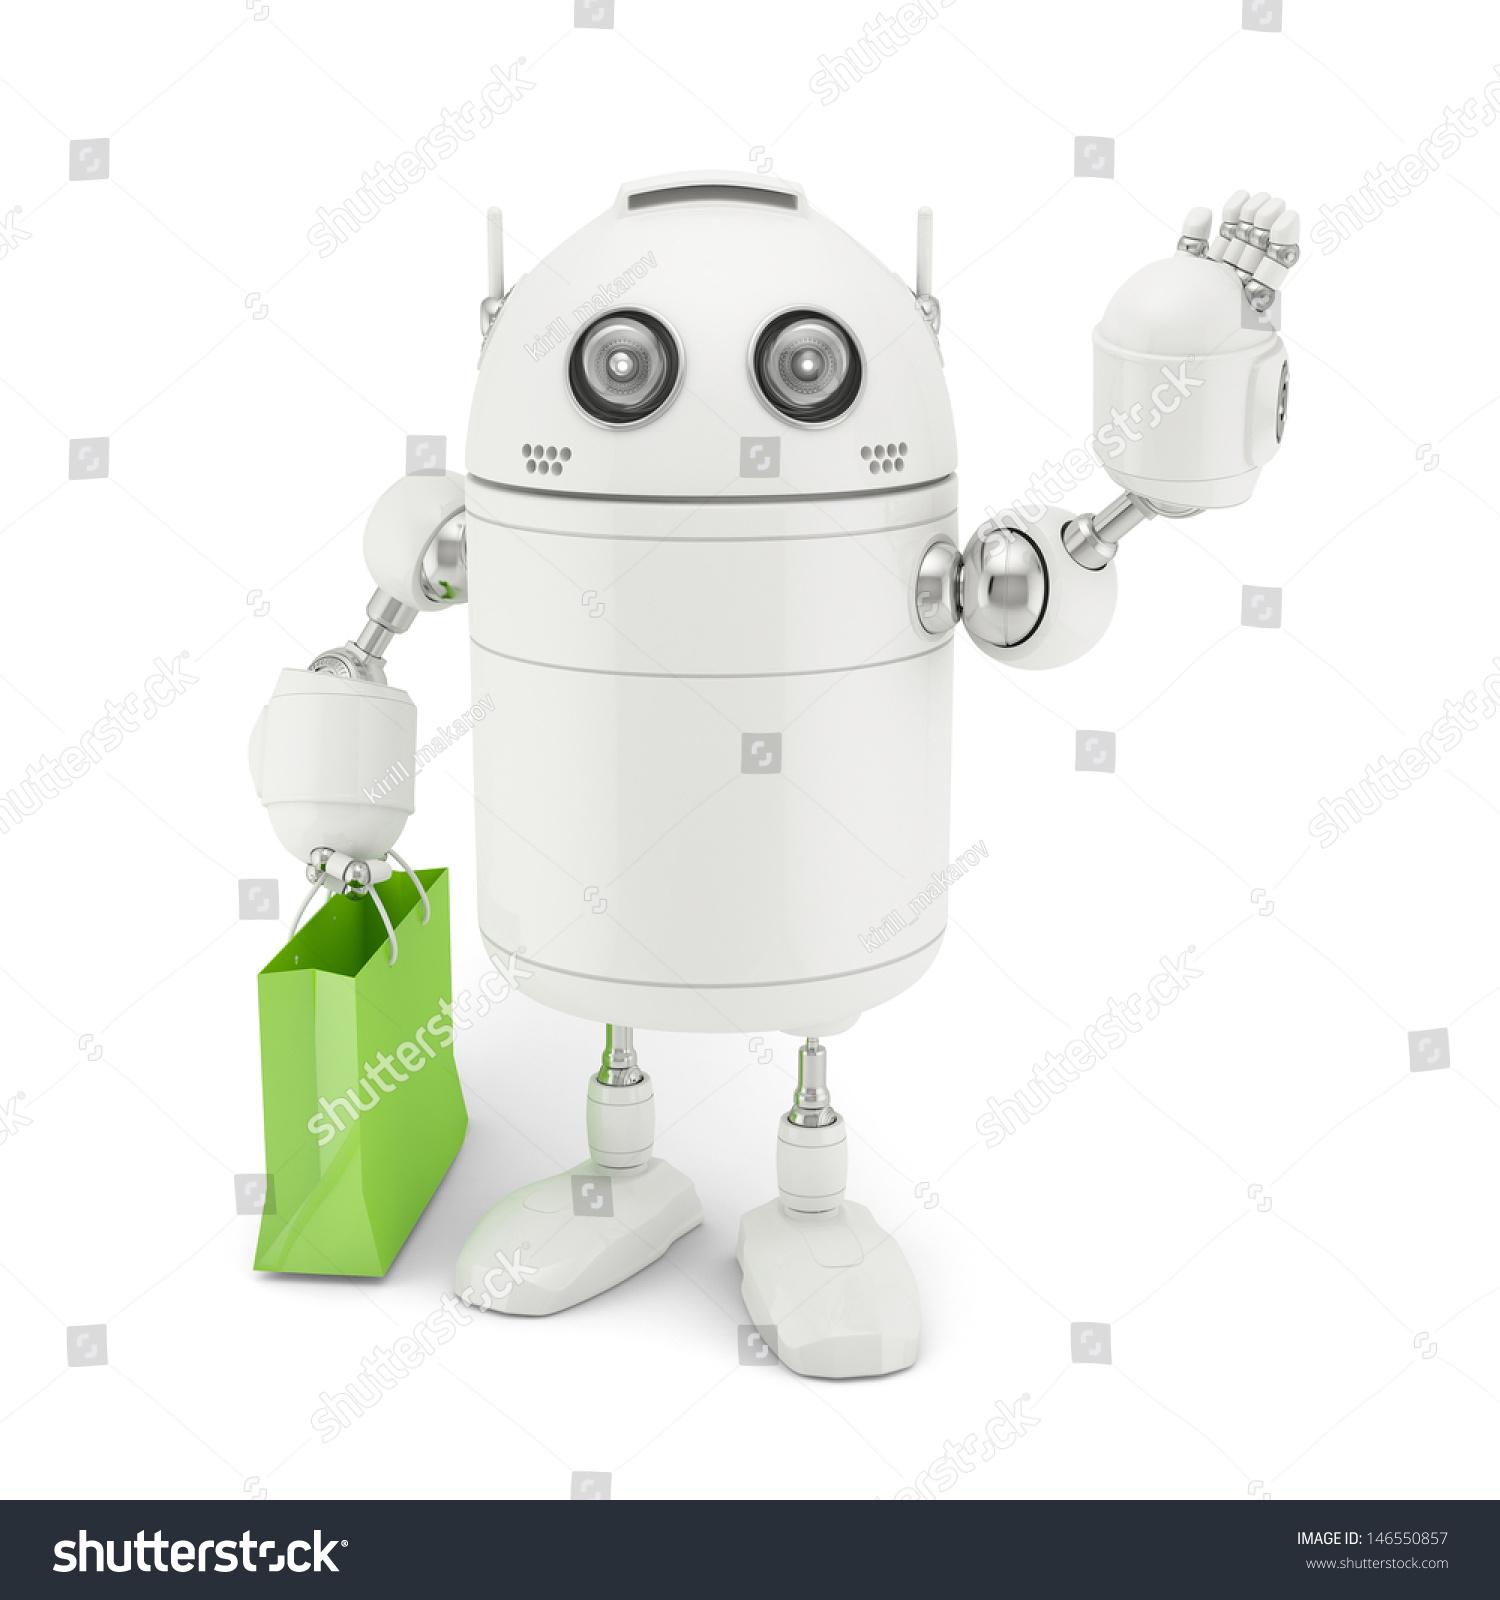 机器人购物袋.白色背景上呈现-商业/金融,科技-海洛()